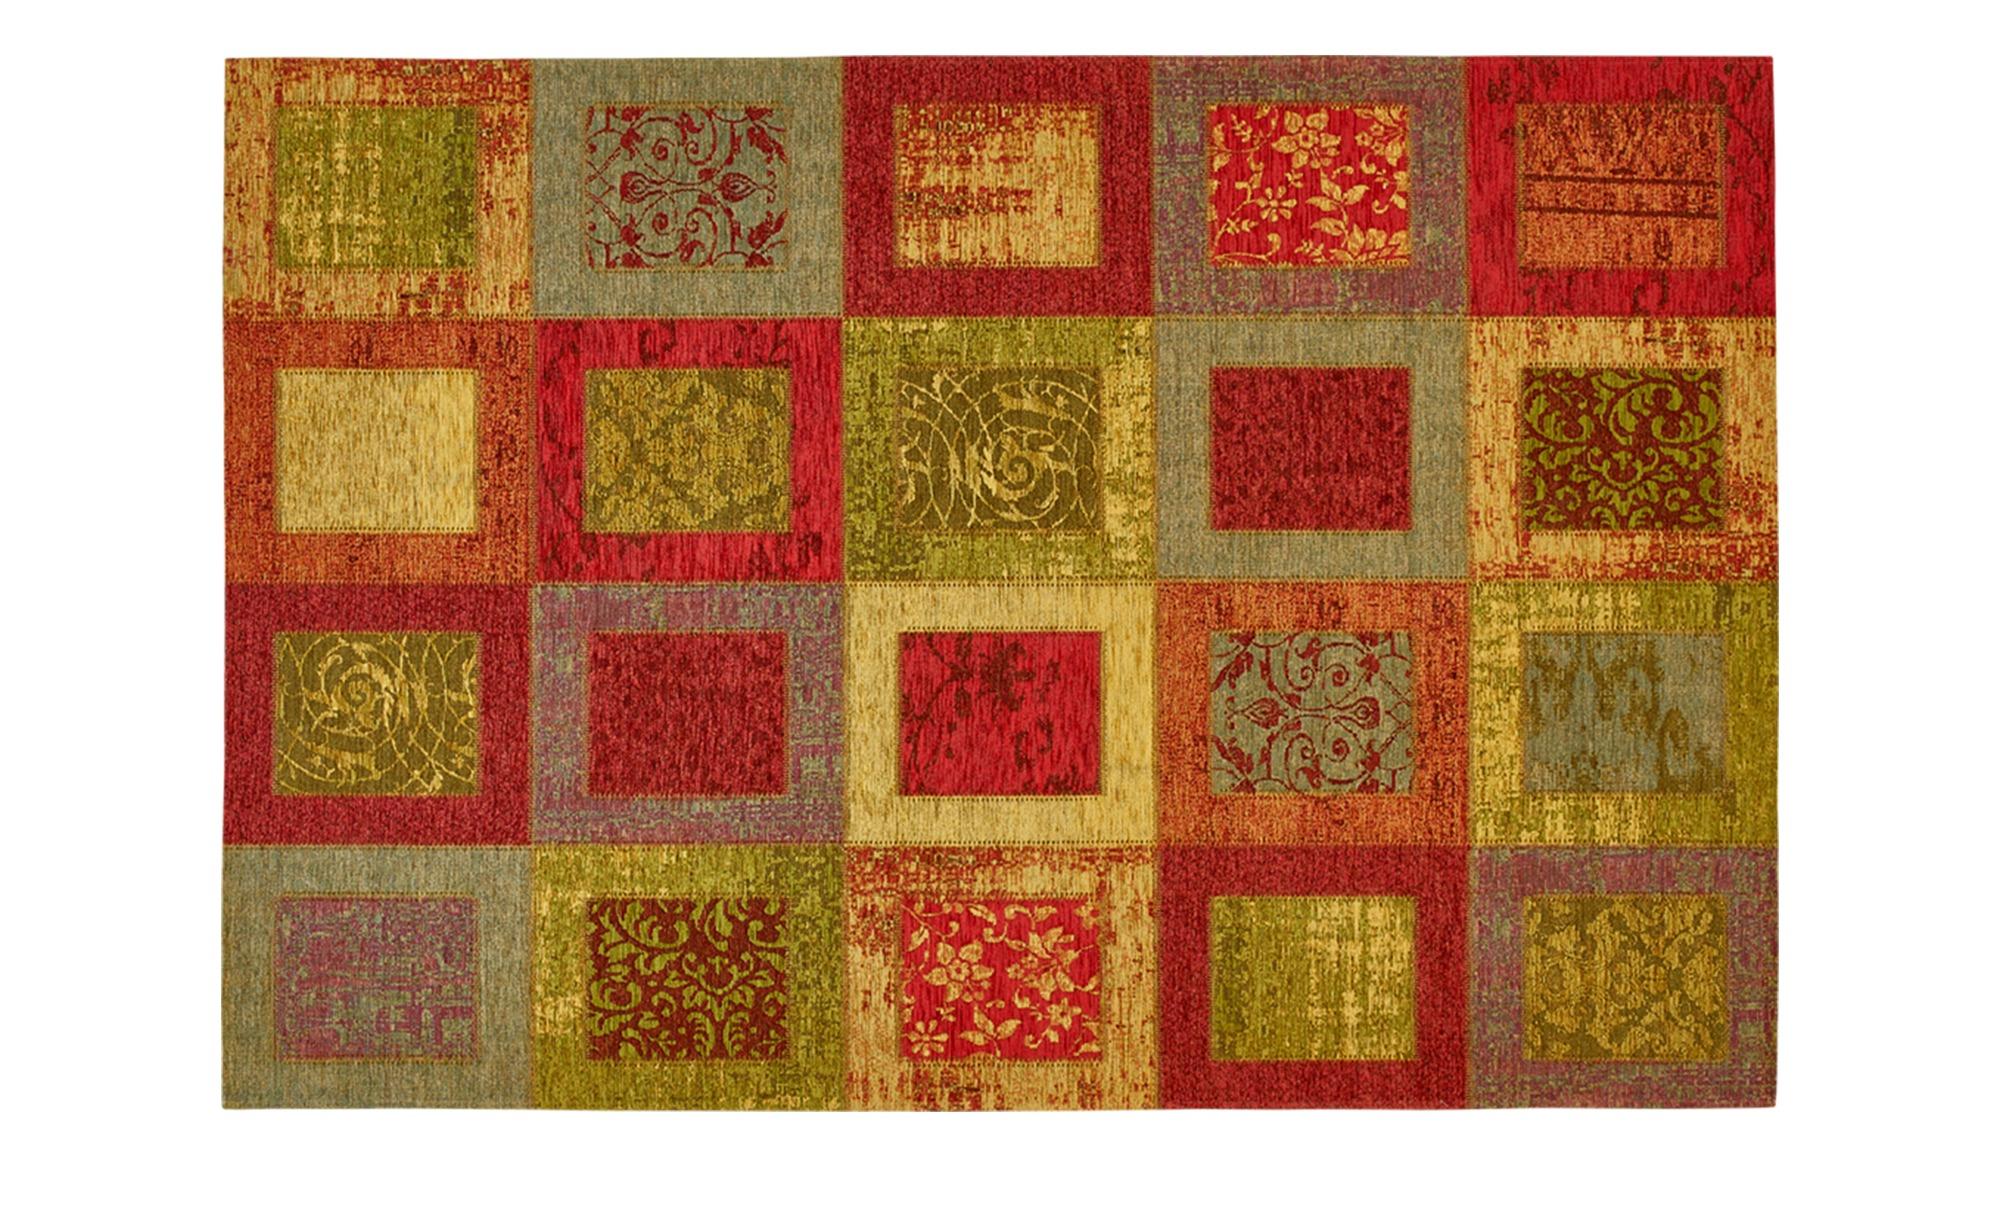 Webteppich  Harmonie ¦ mehrfarbig ¦ 34% Chenille Acryl, 33% Baumwolle, 33% Polyester ¦ Maße (cm): B: 155 Teppiche > Wohnteppiche - Höffner